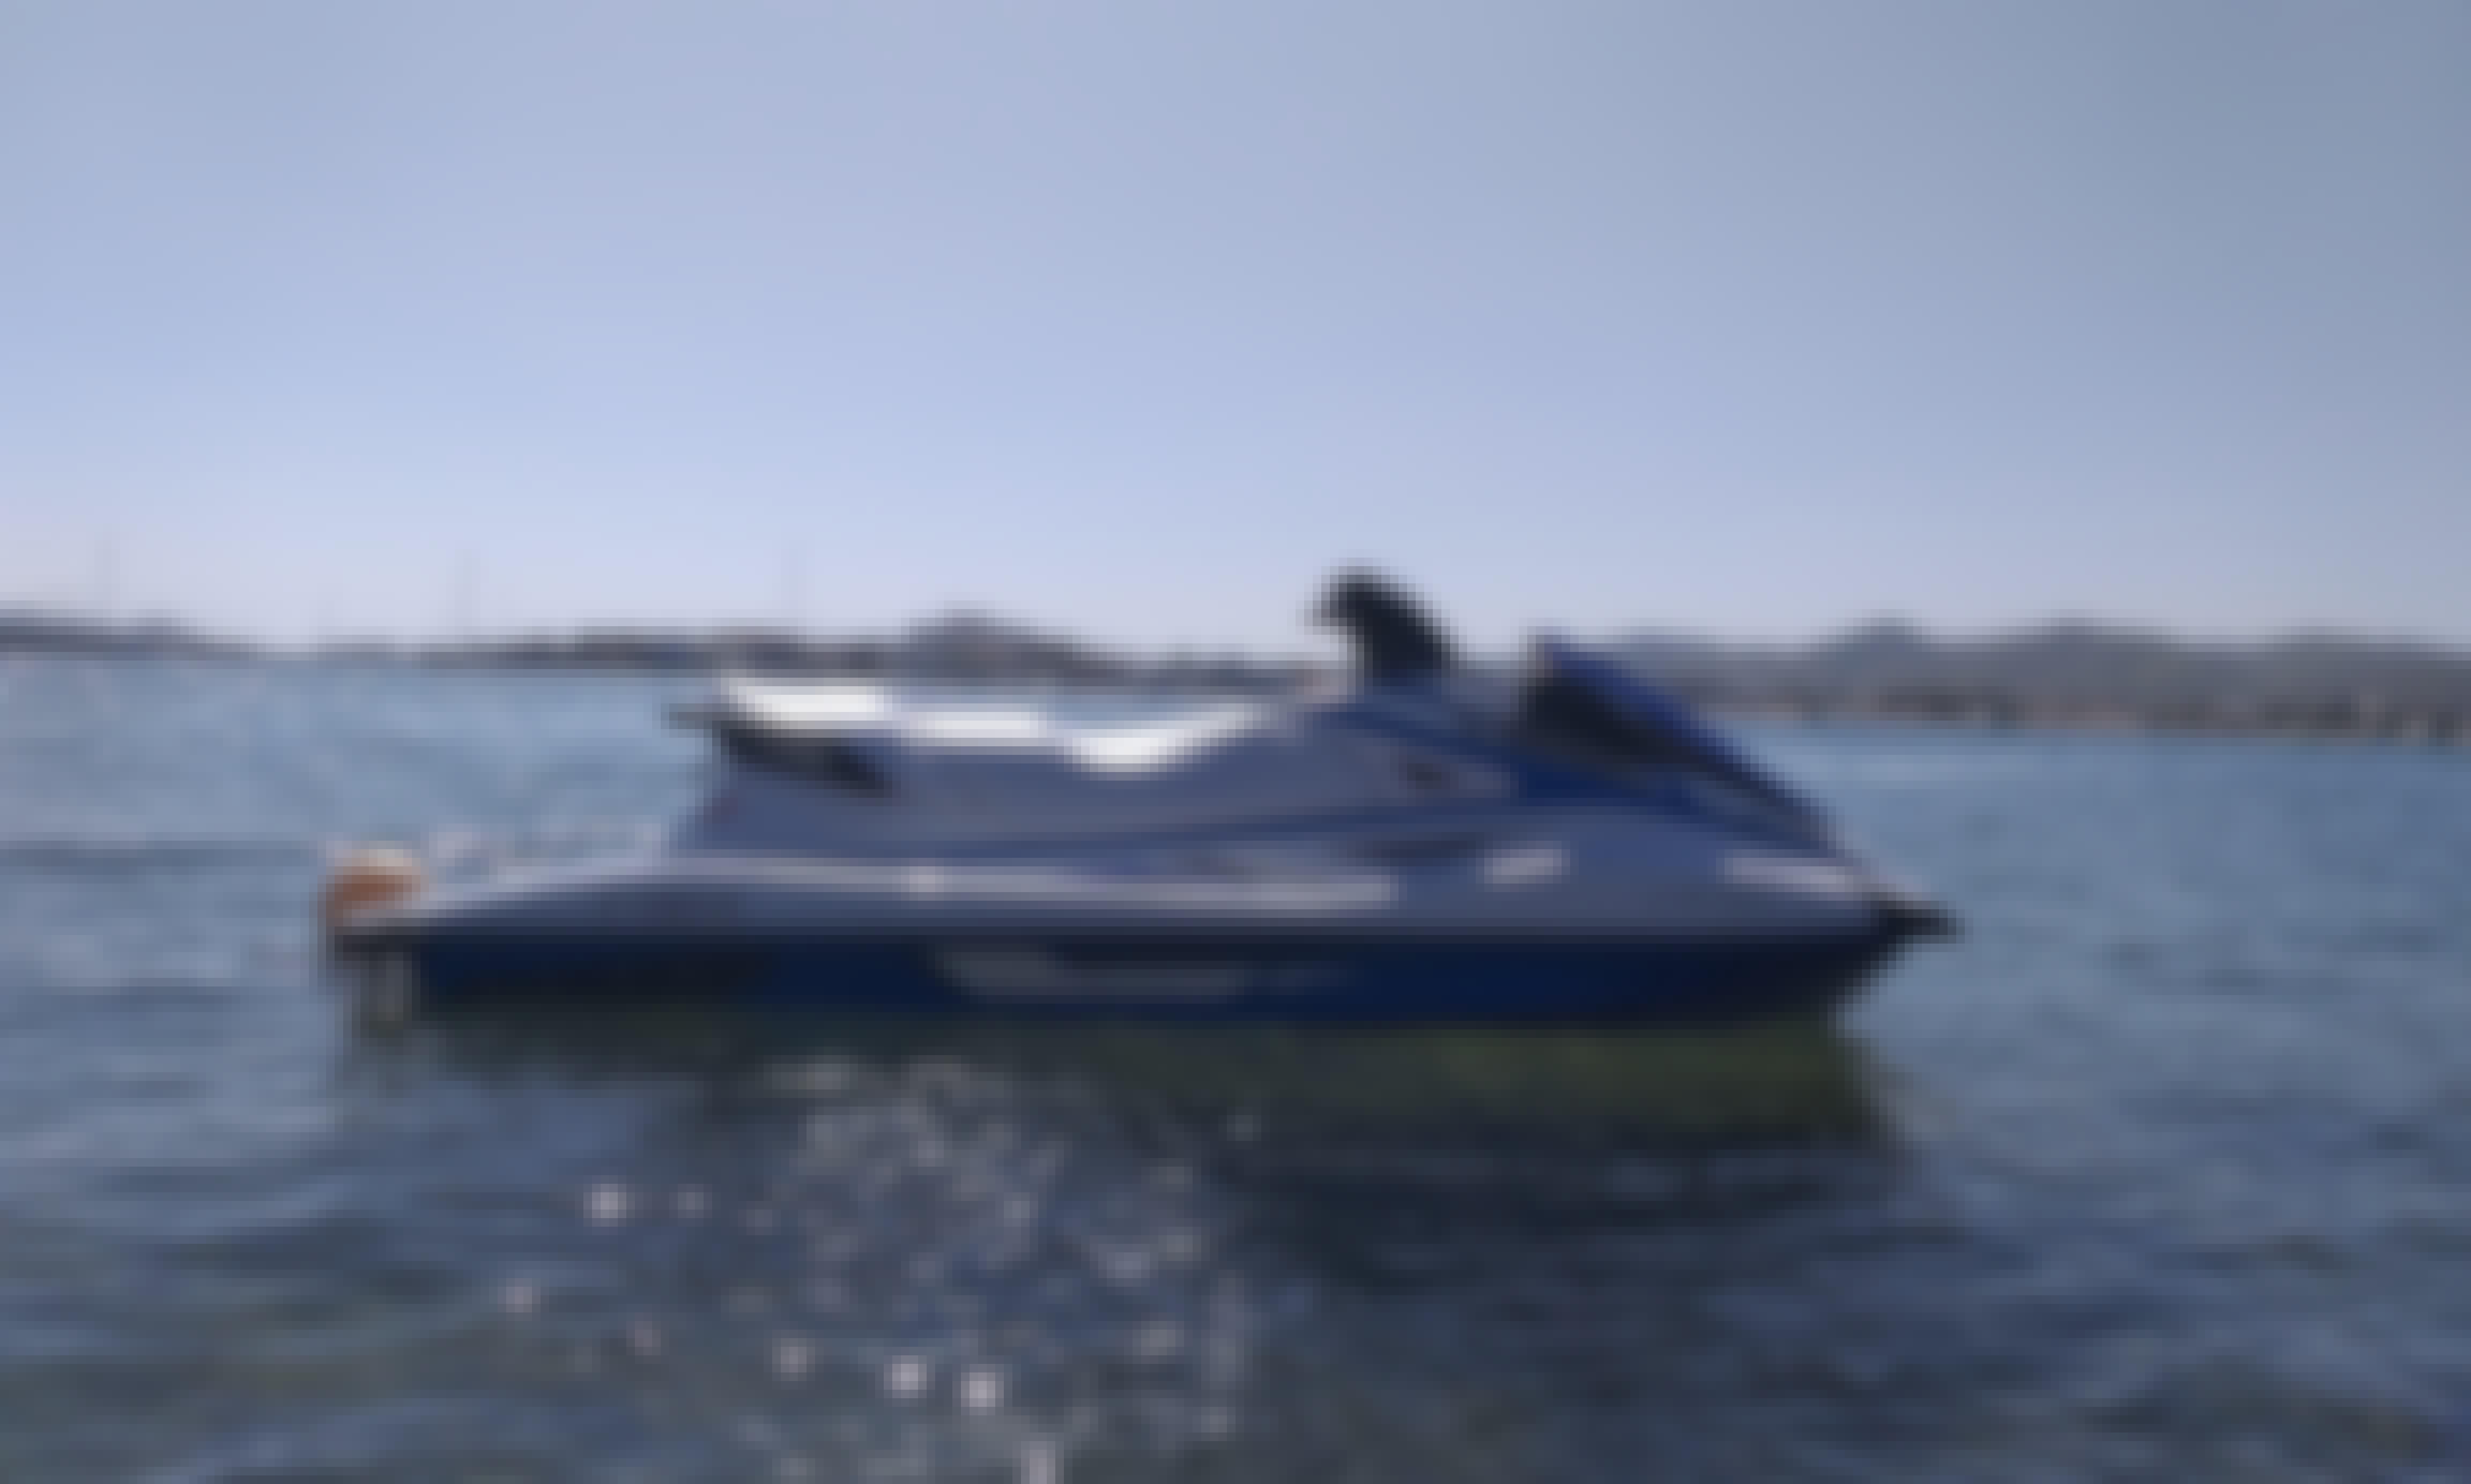 Yamaha VX 2020 €300 per day Ibiza, Illes balears